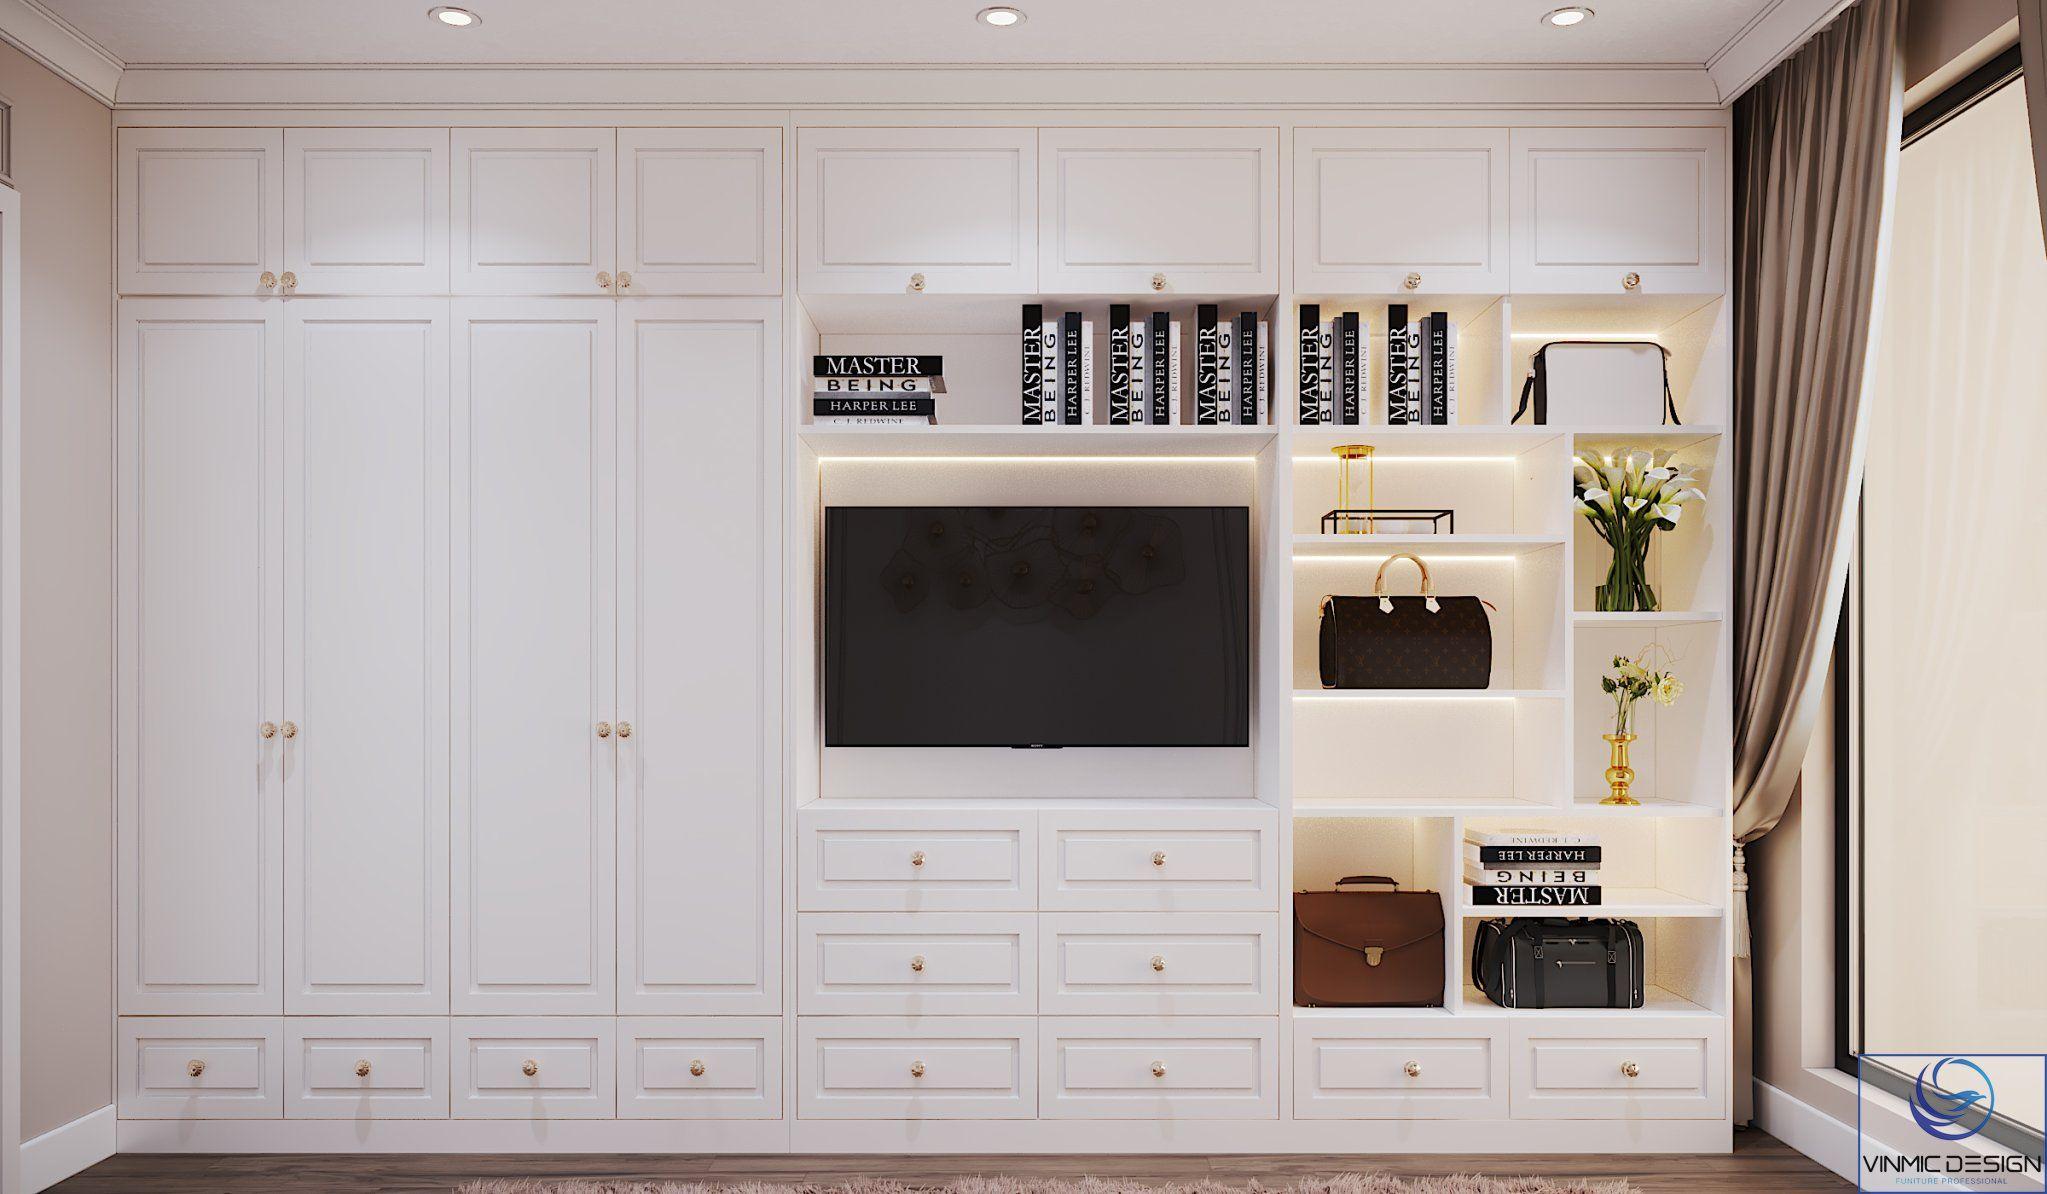 Tủ quần áo kết hợp tủ tivi kịch trần, tối ưu công năng cho phòng ngủ.